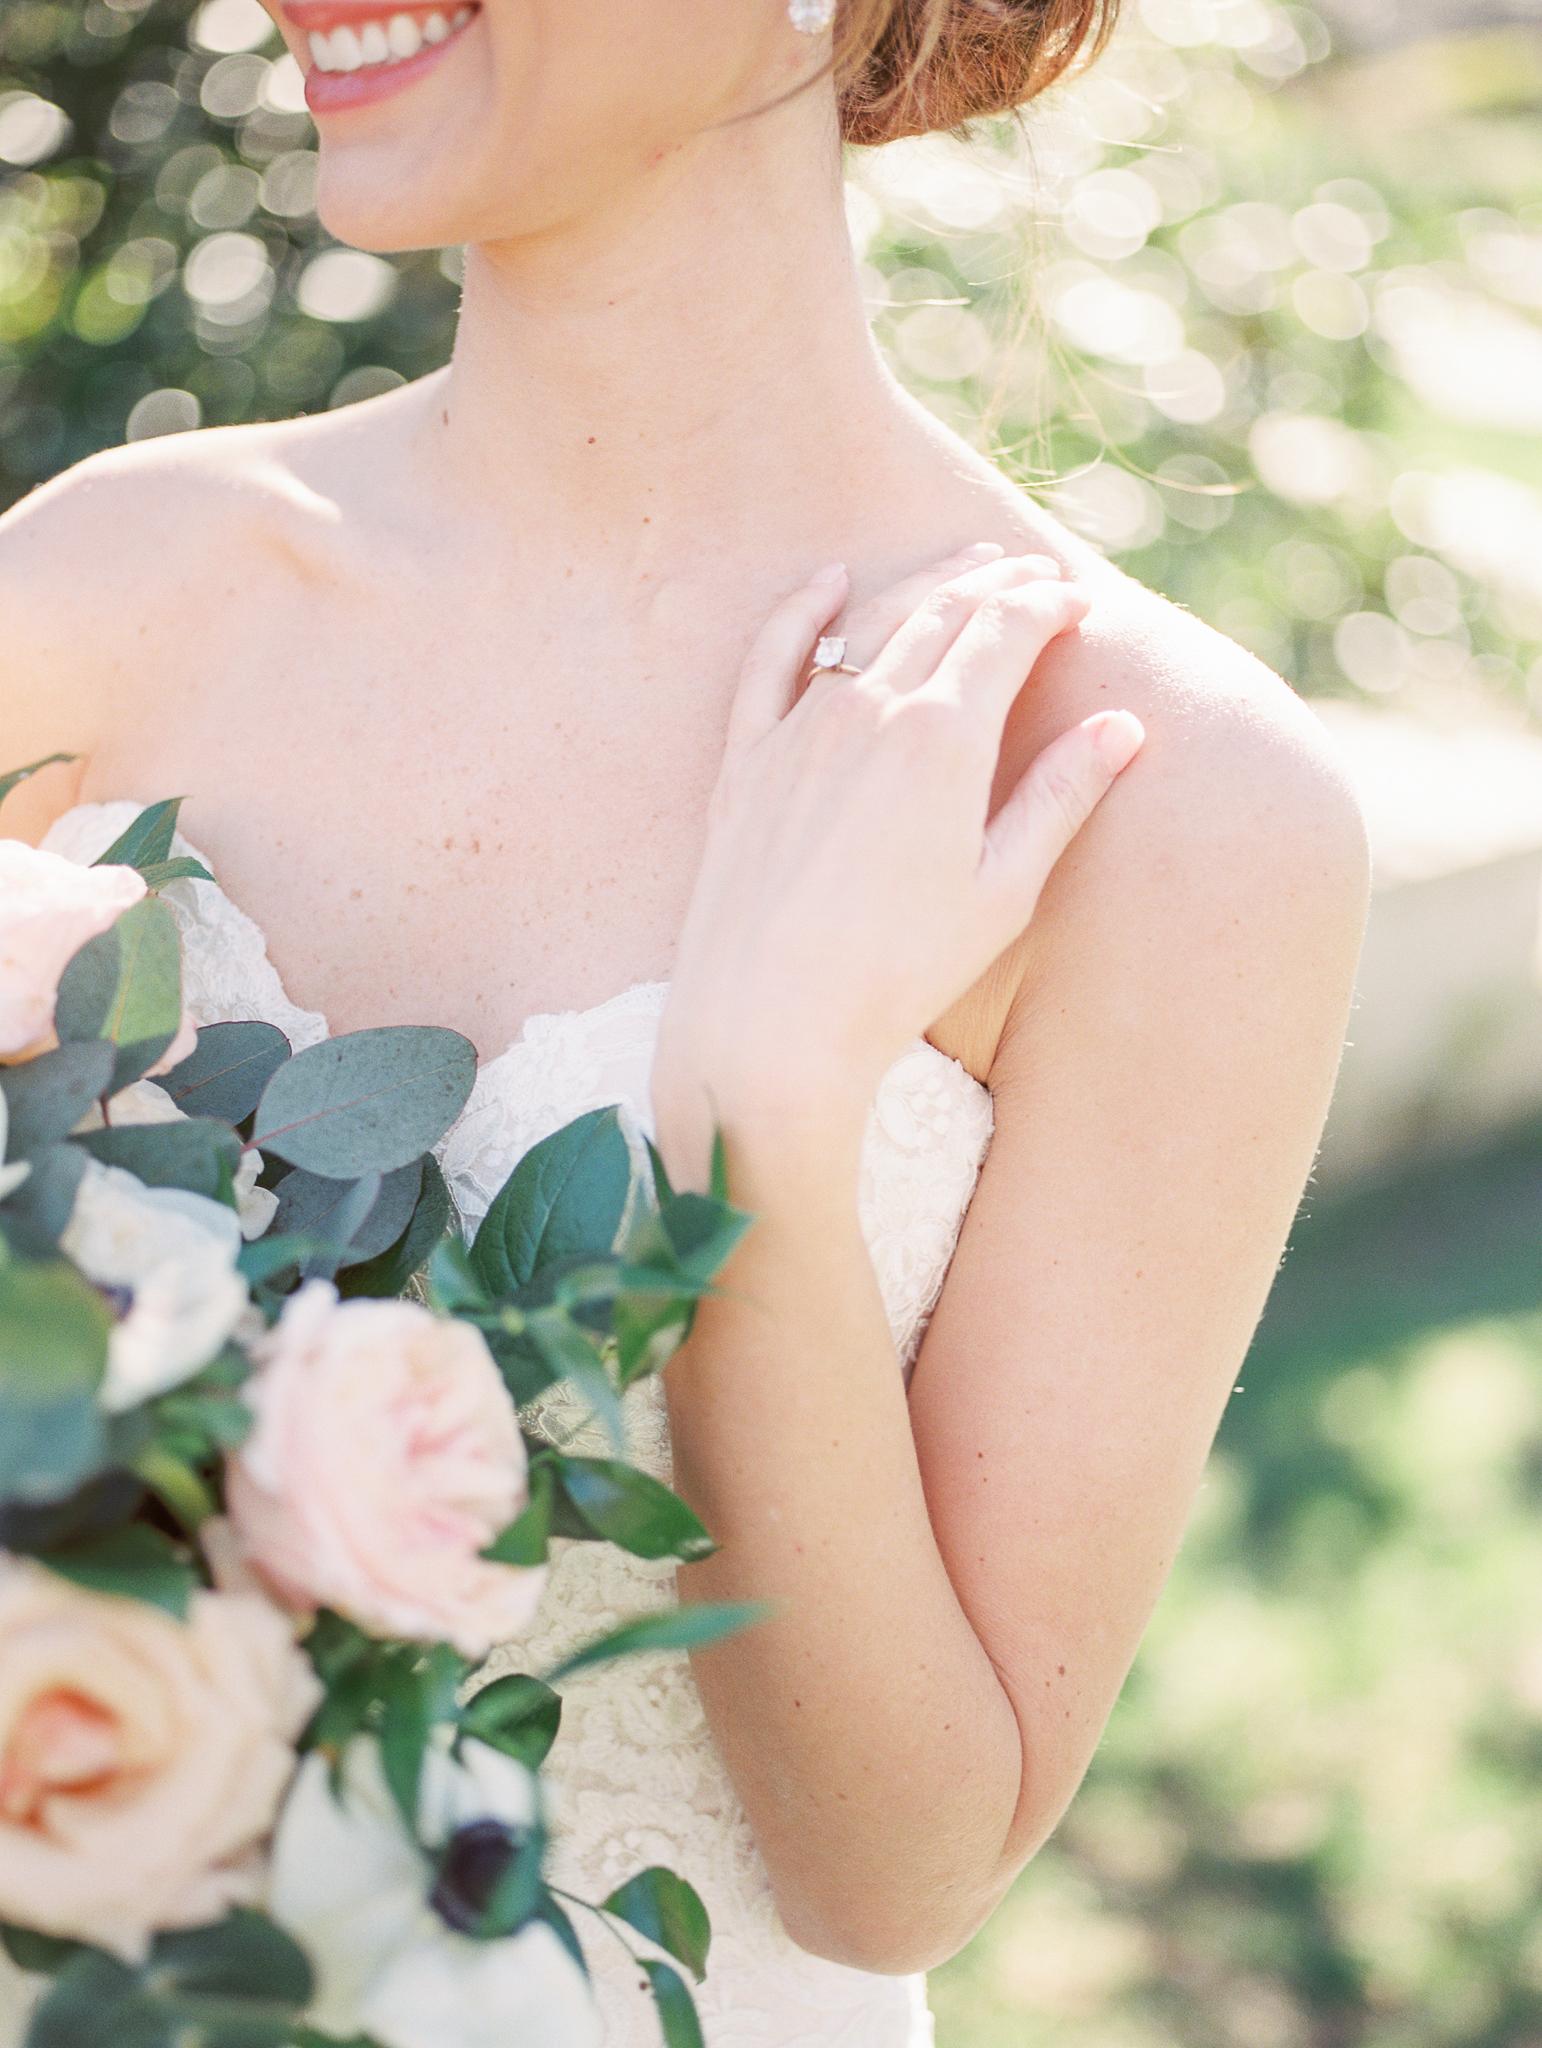 LaurenBrandon-11.jpg